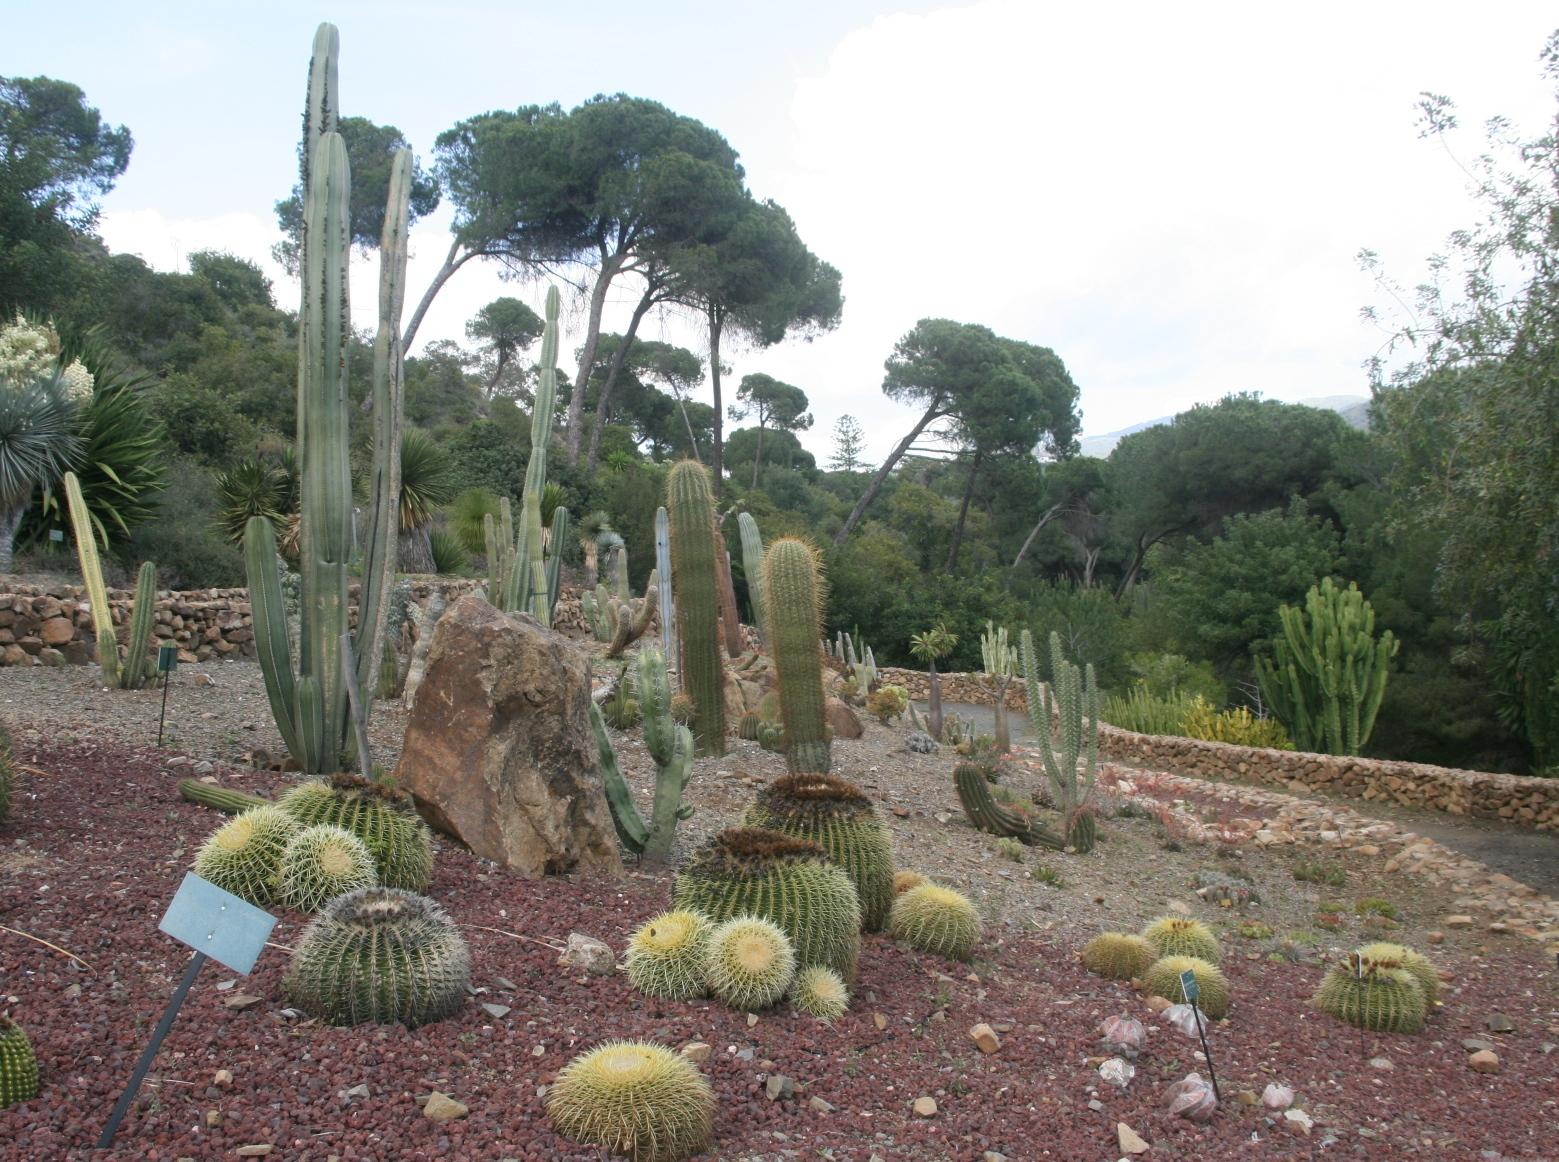 Le jardin des cactus et succulentes venant d'être entièrement rénové - © J.-F. Coffin